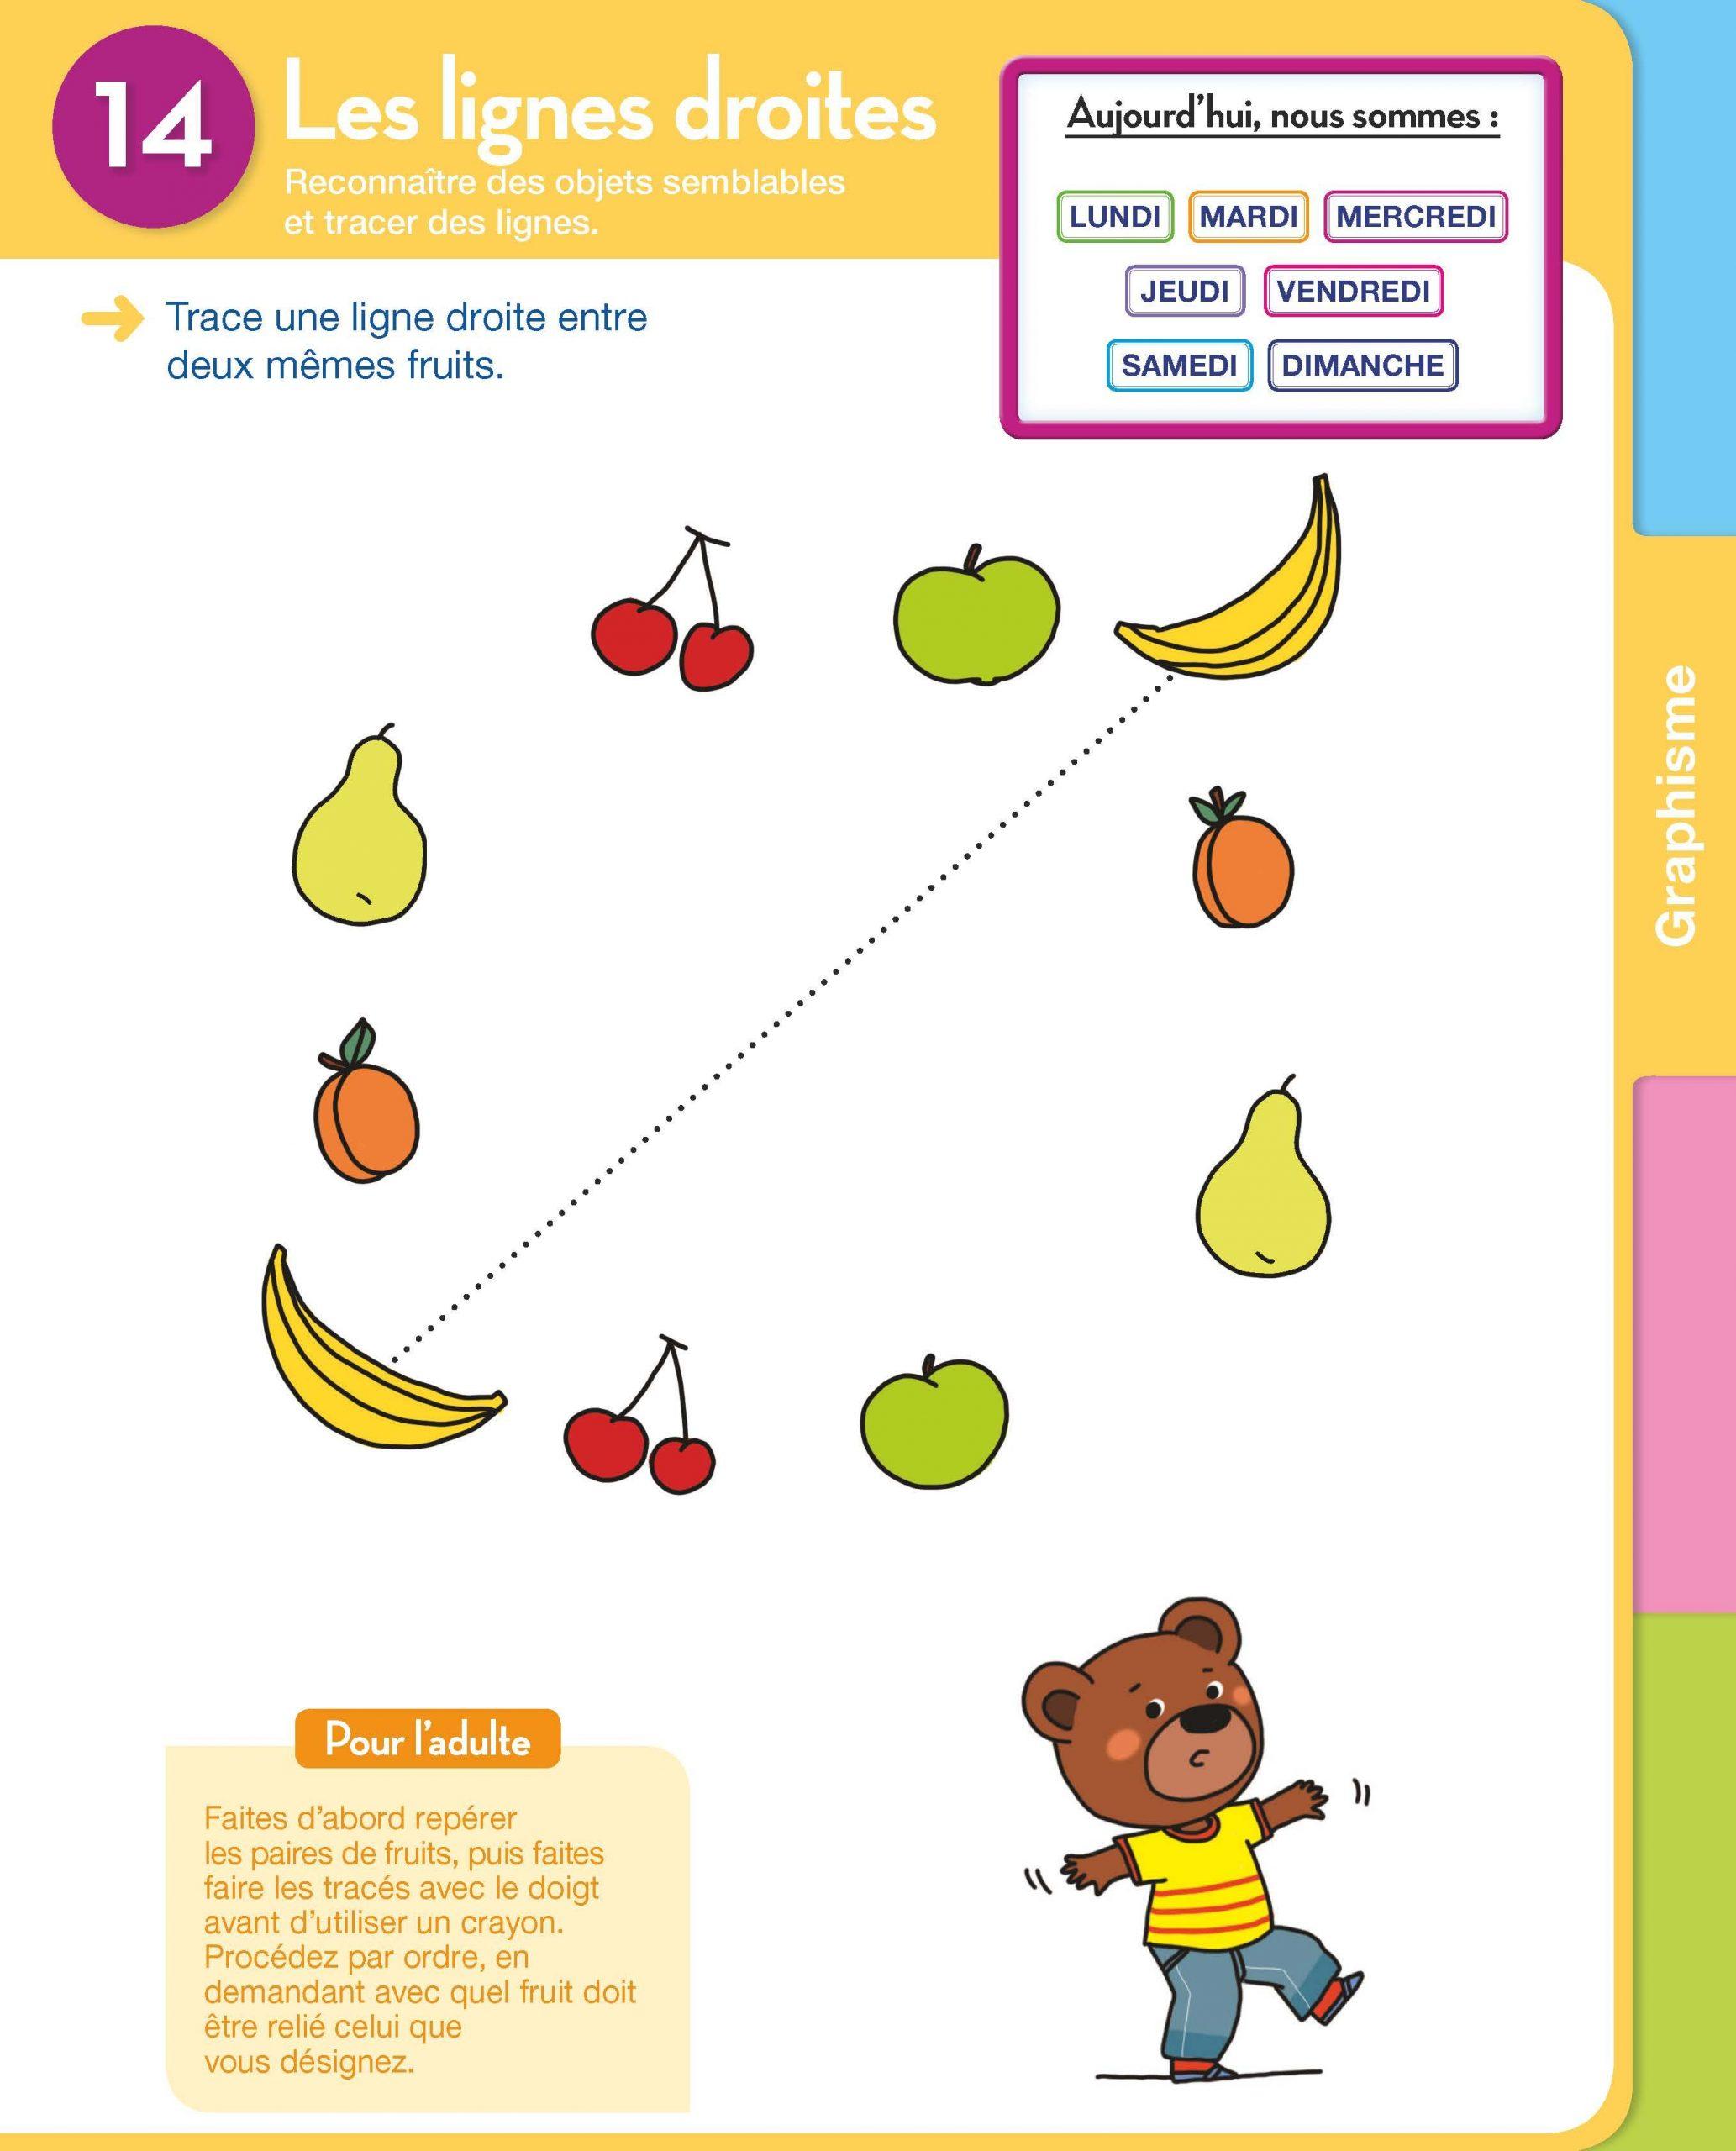 Extrait Graphisme : Les Lignes Droites Toute Ma Maternelle dedans Jeux Educatif 3 Ans En Ligne